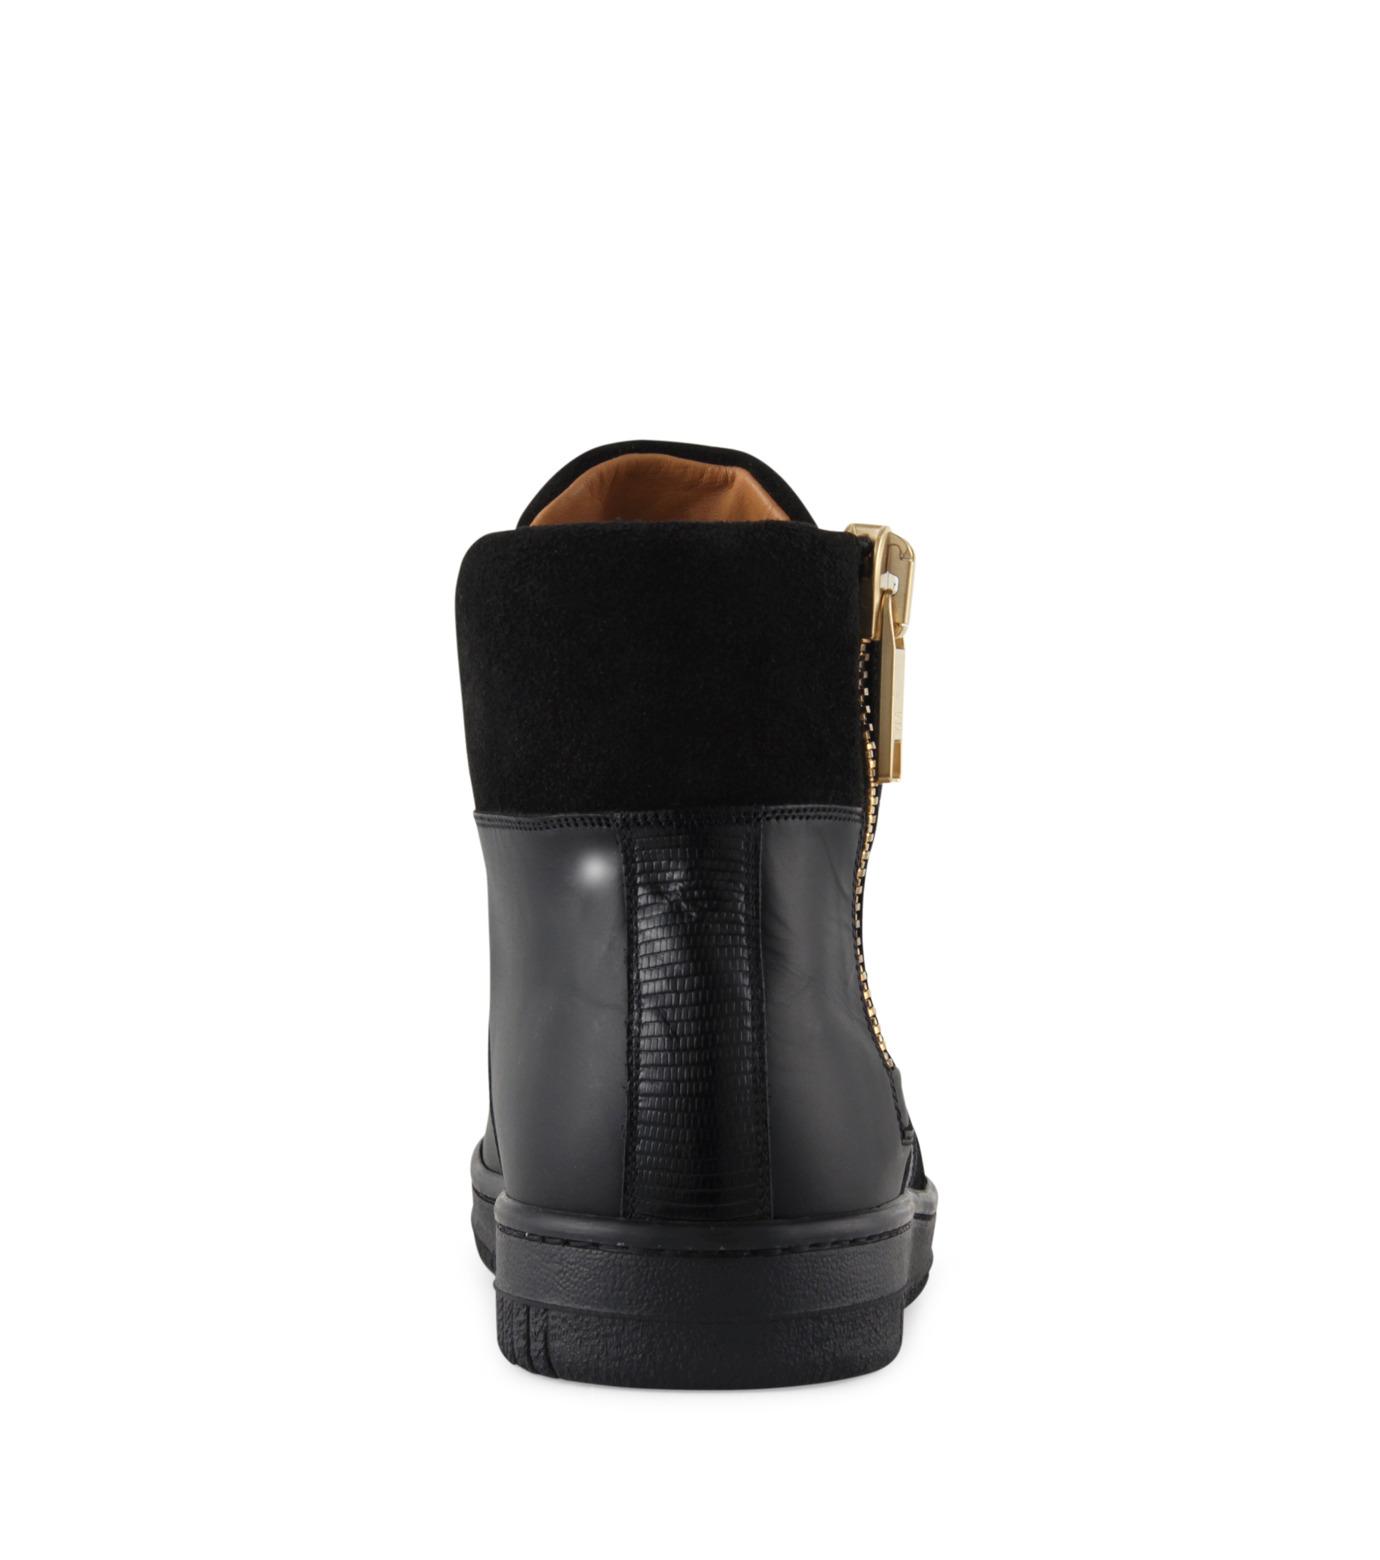 Marc Jacobs(マーク ジェイコブス)のSide zip sneaker-BLACK-WS0076-13 拡大詳細画像3